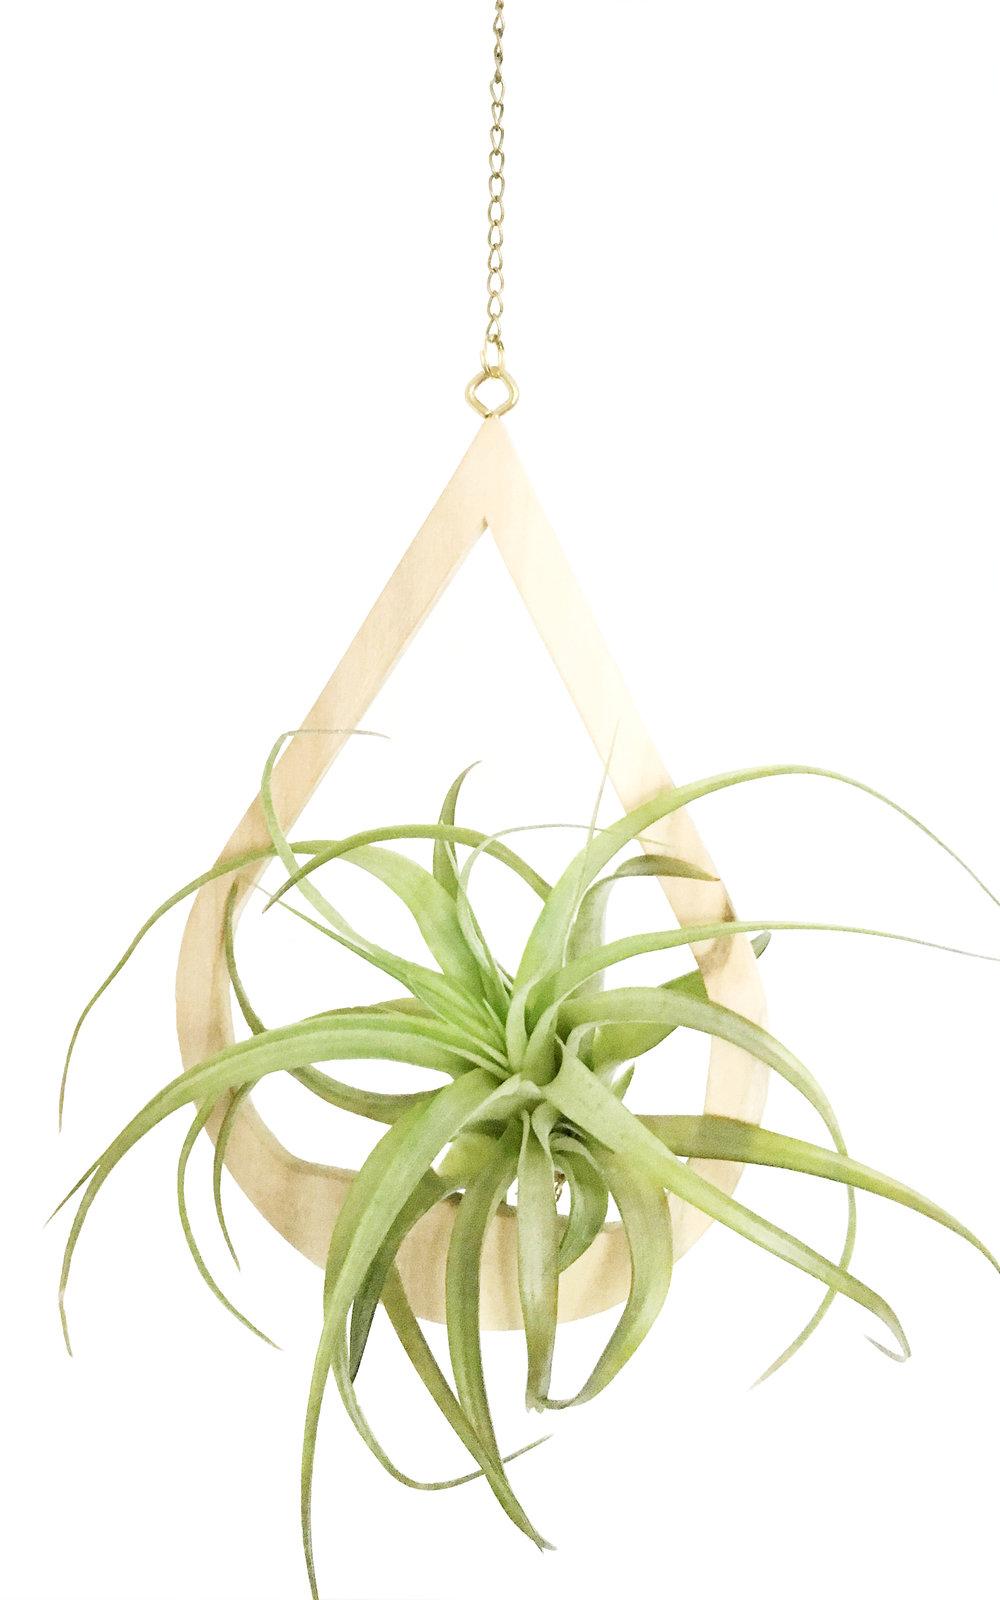 Poplar Drop Hanger